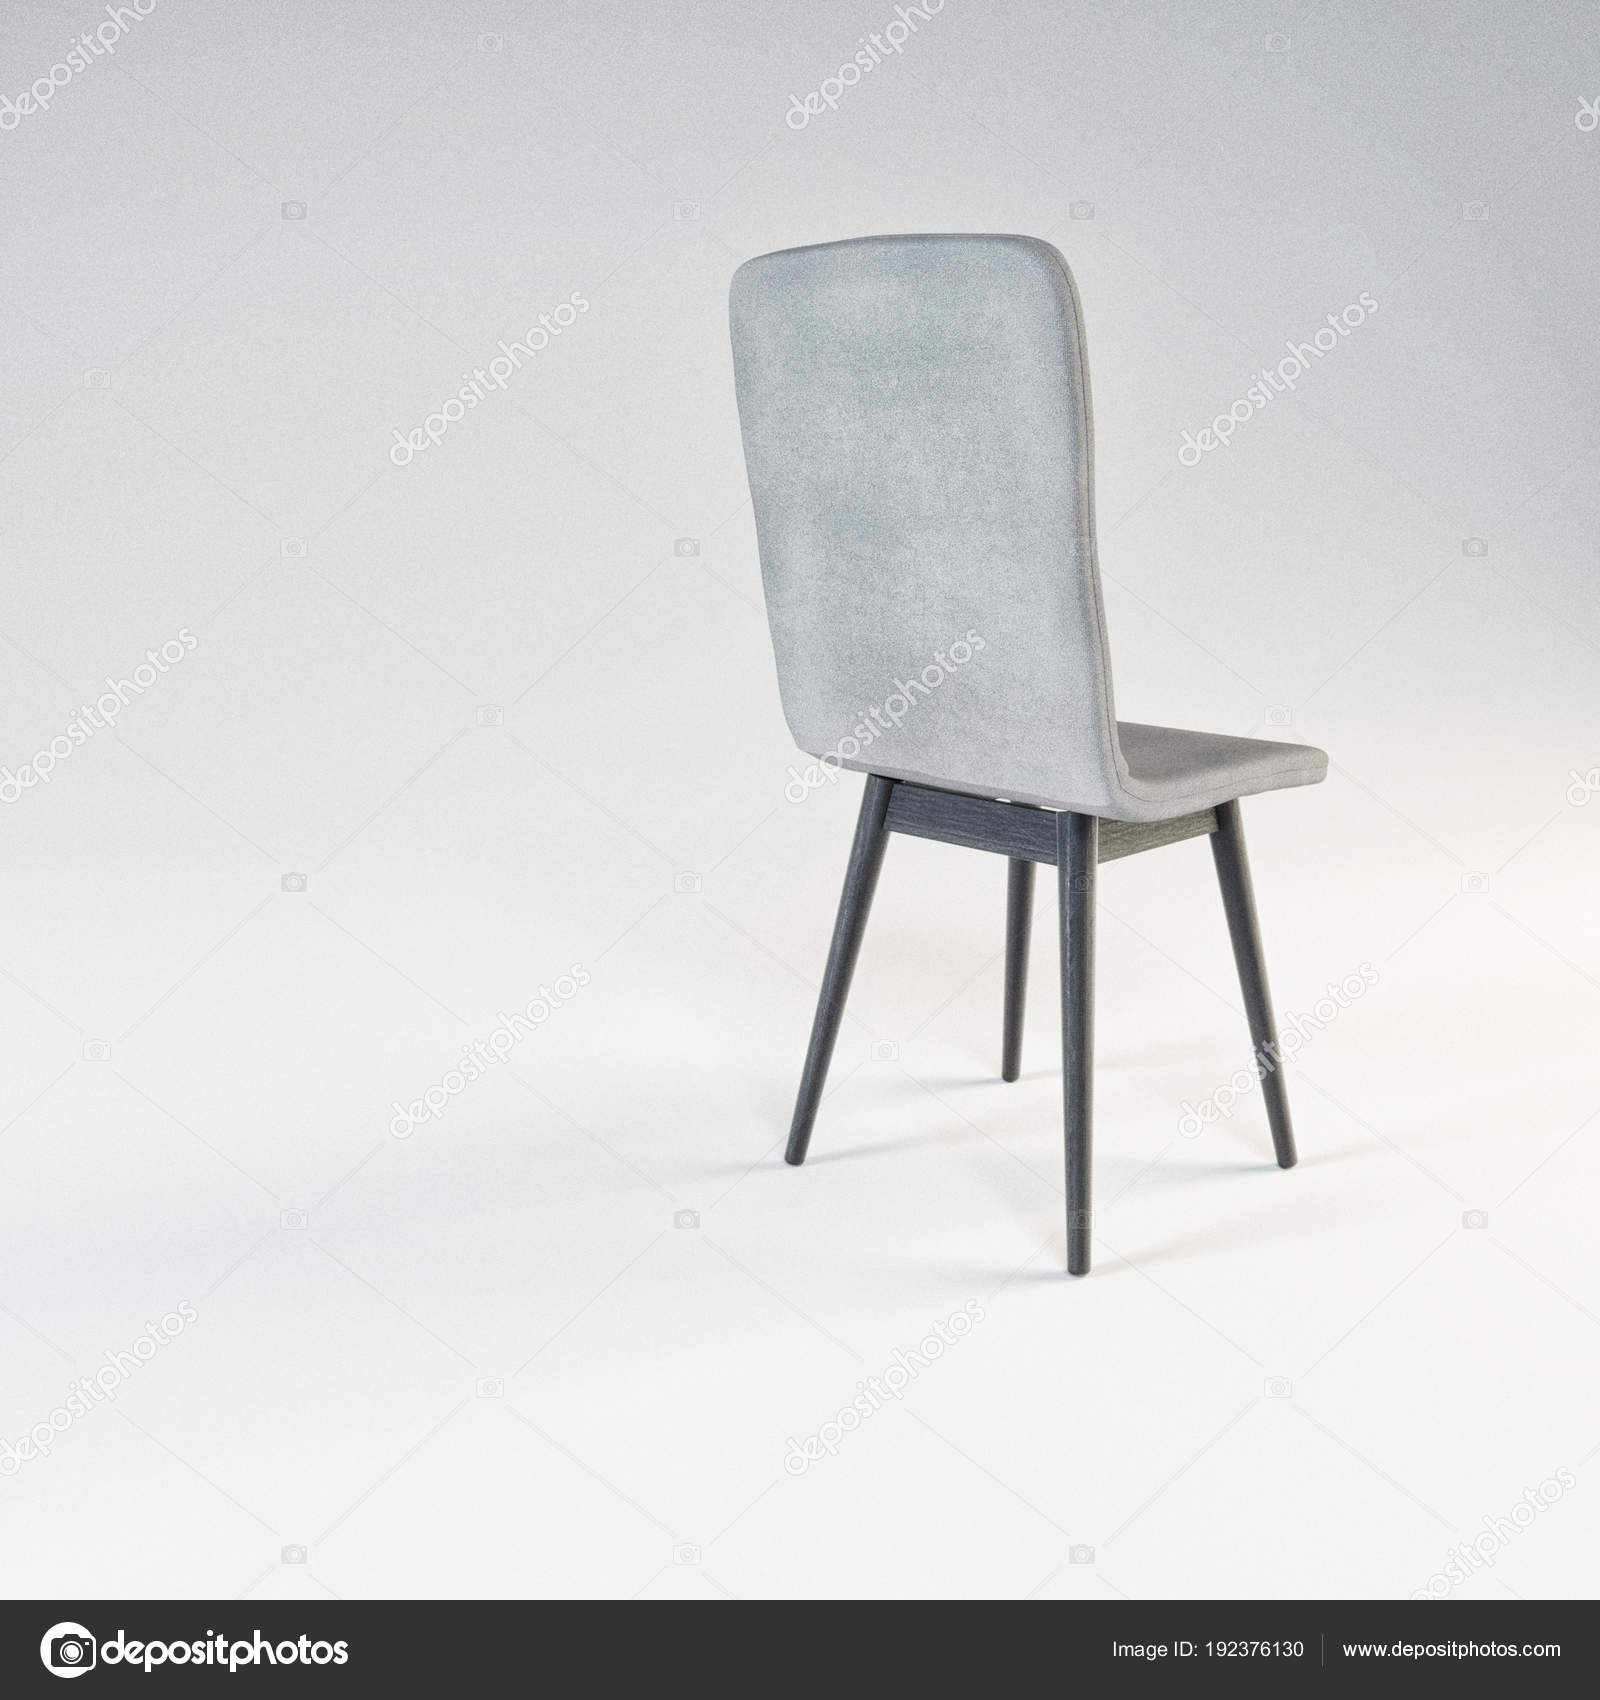 Sillas Comedor Fotos Presentaciones Muebles — Fotos de Stock ...